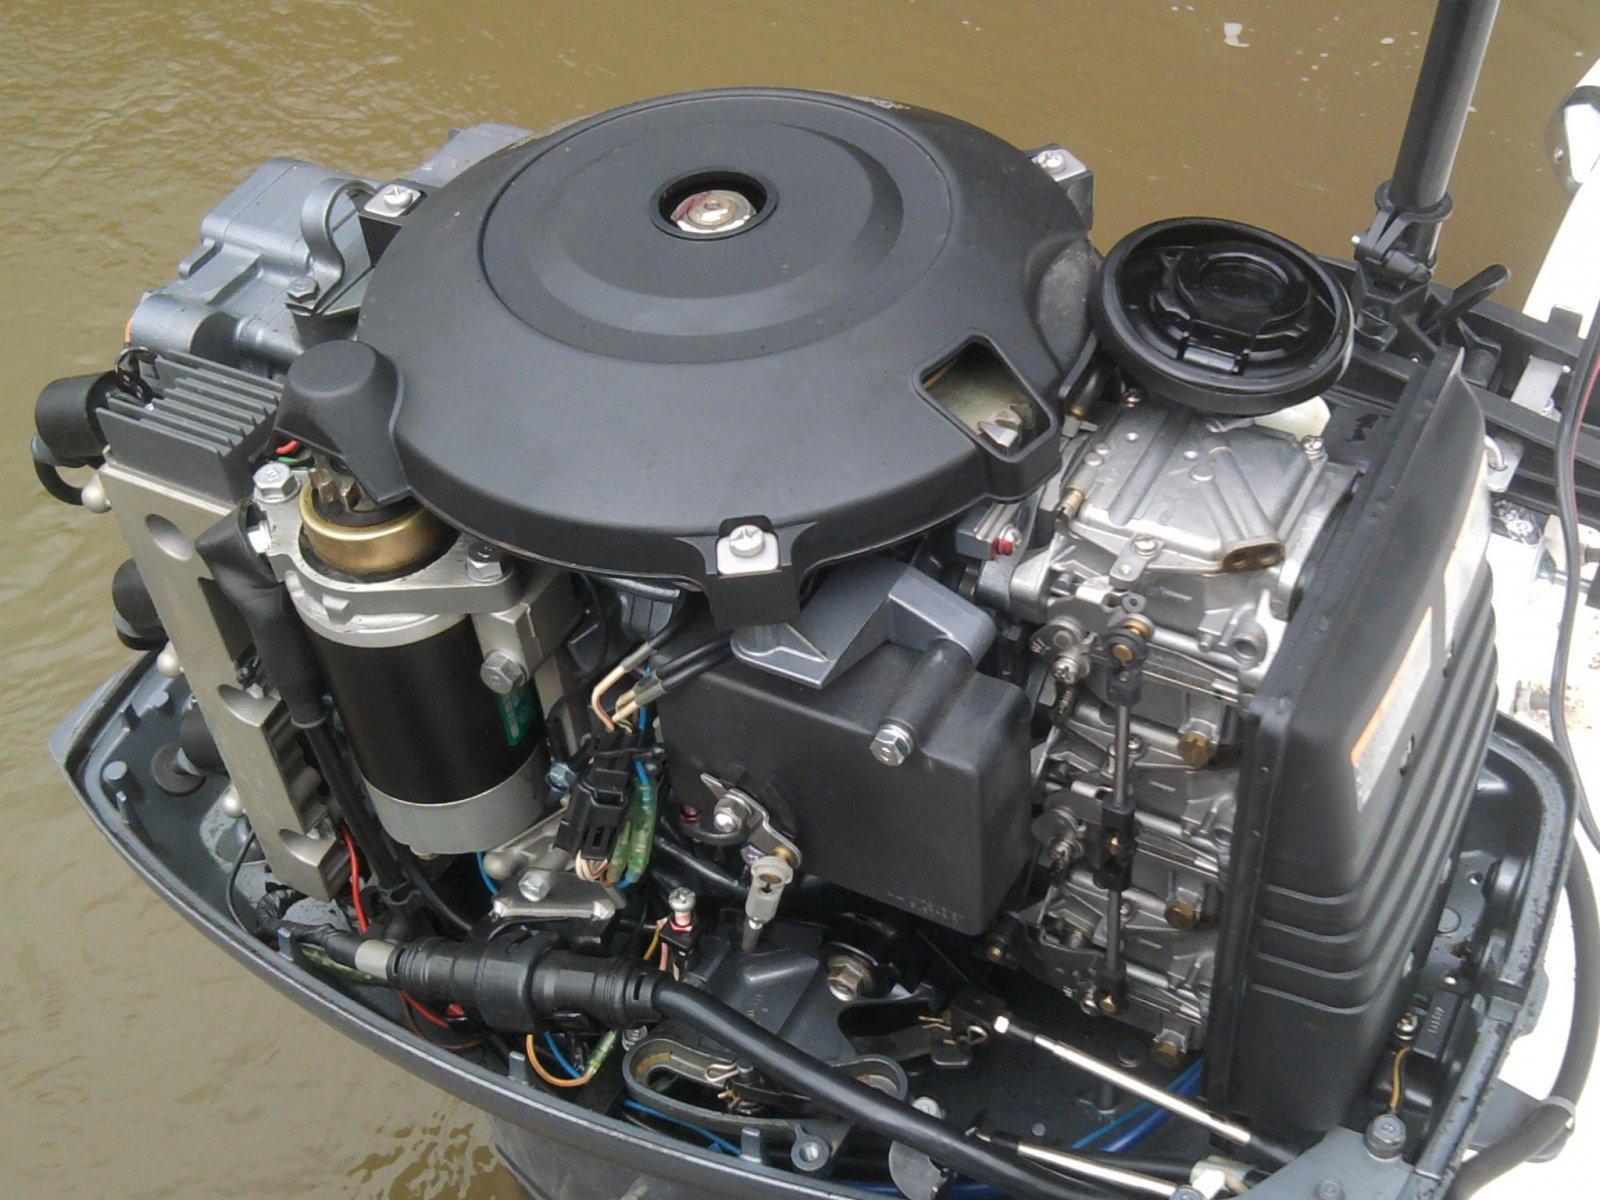 Debridage Moteur 40cv 2 Temp Yamaha De 1996 Mecanique Bateaux Forum Bateau Forum Auto